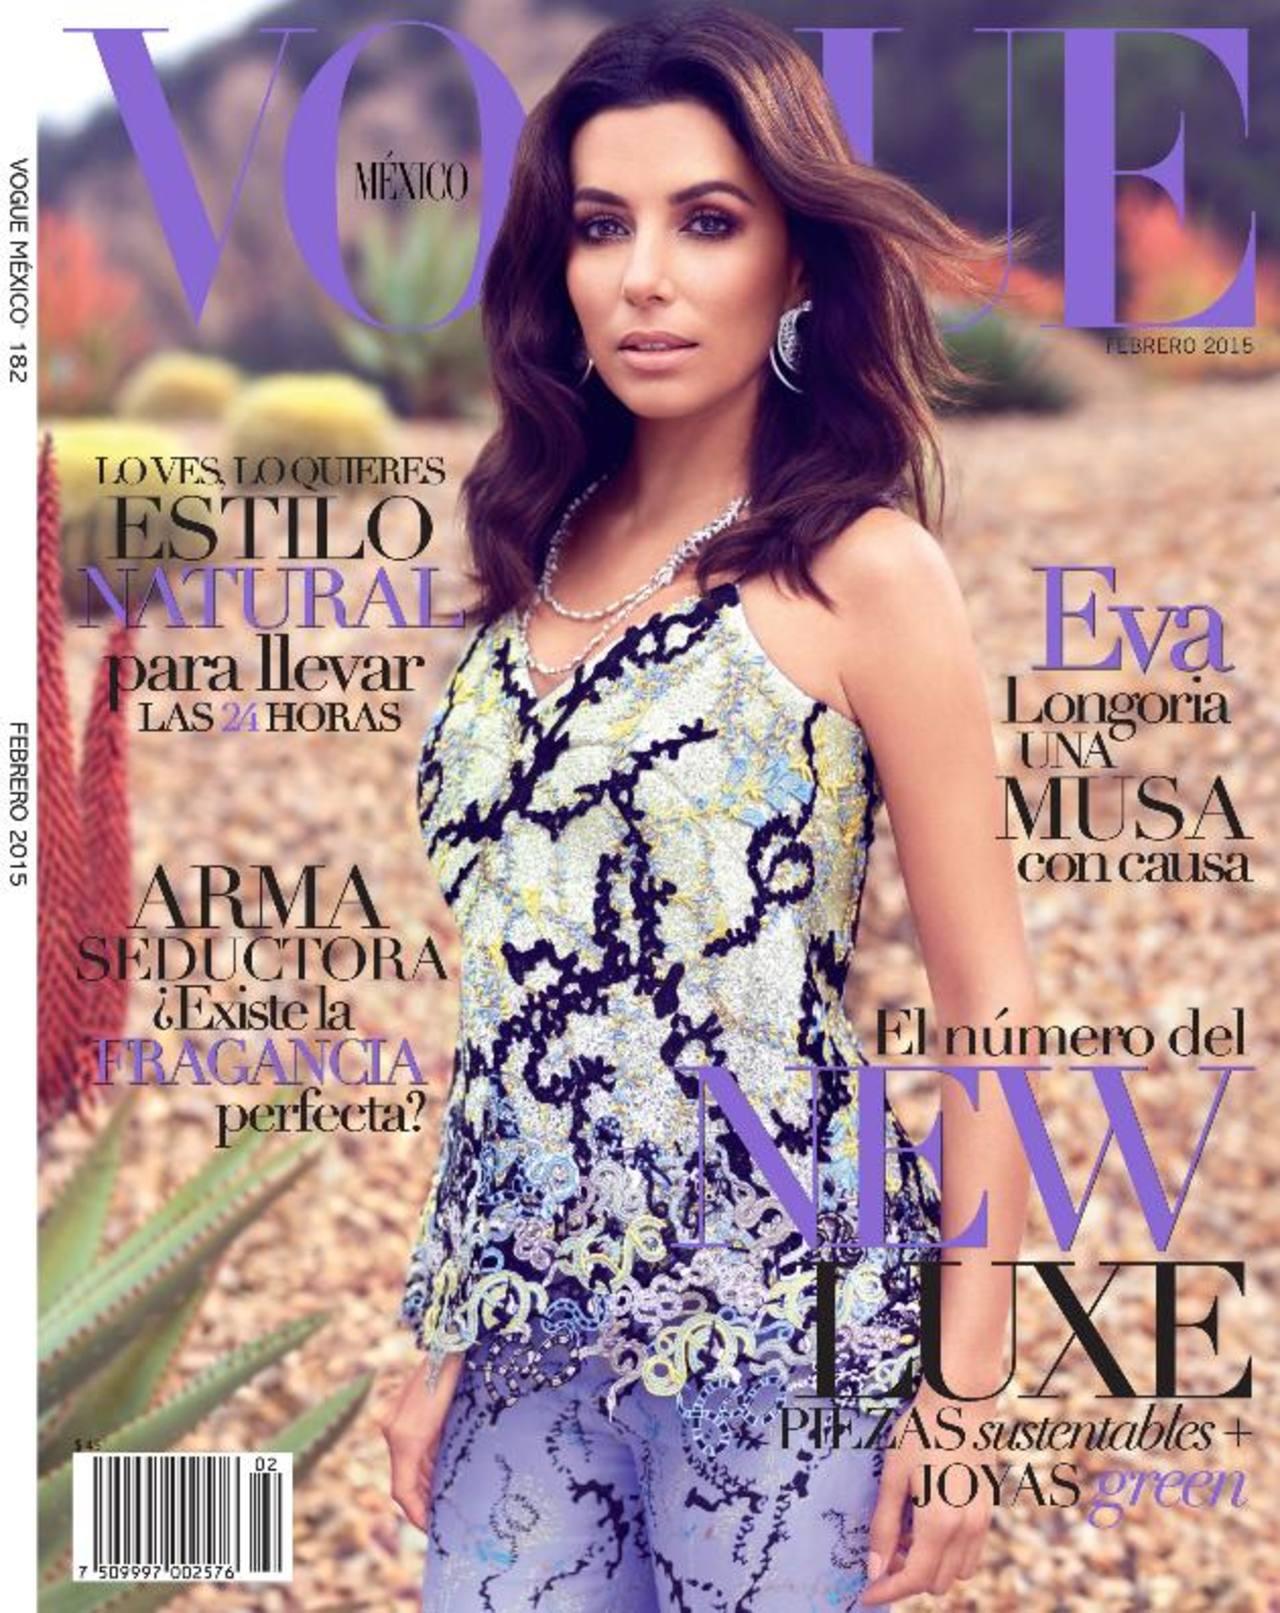 La actriz Eva Longoria decora la portada de la revista Vogue México en su edición febrero 2015.